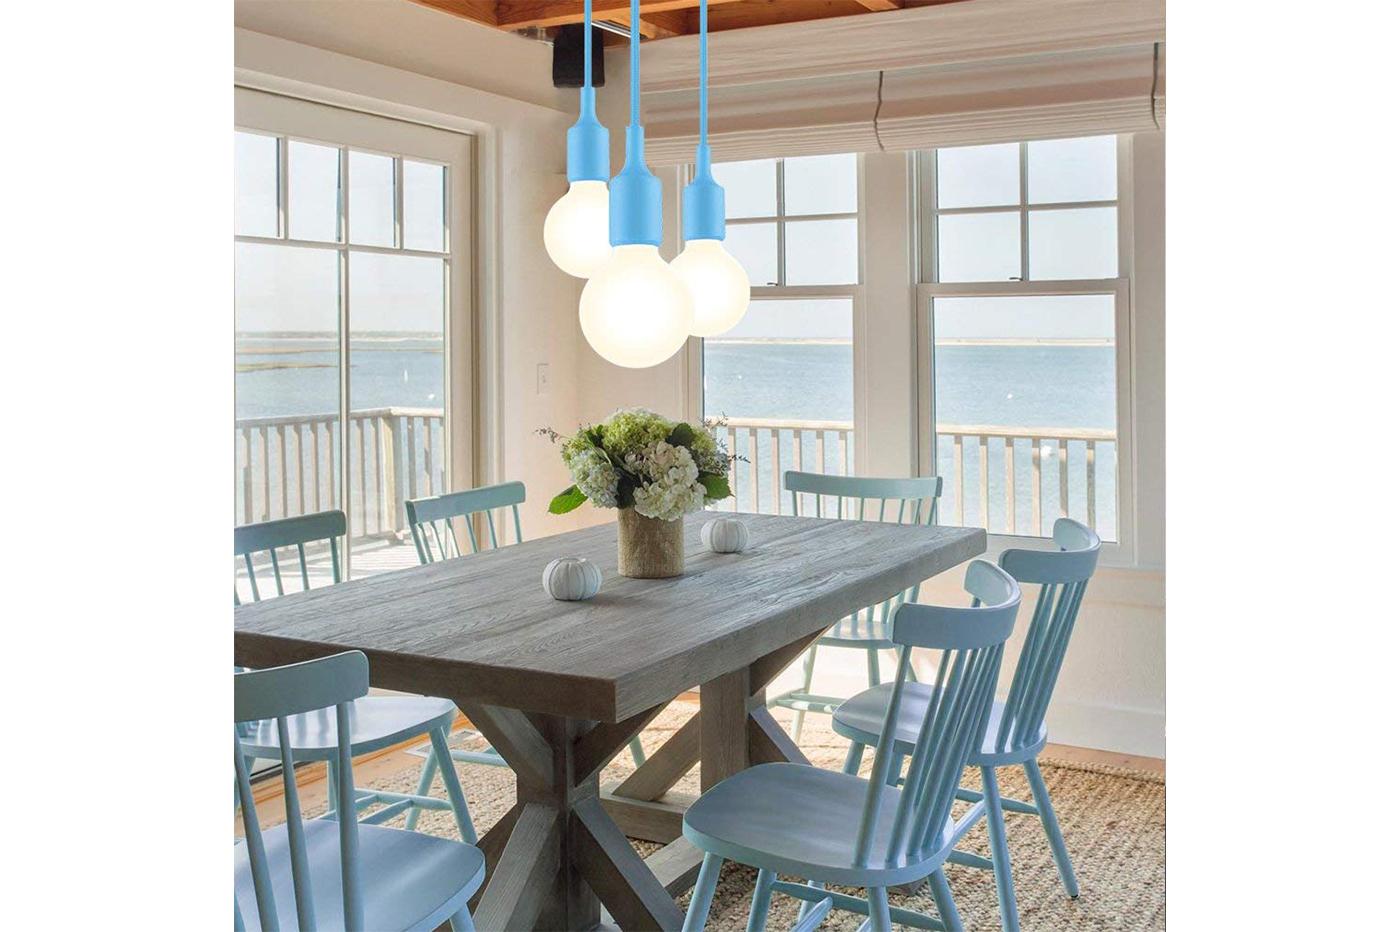 Lampadari Per Casa Al Mare dettagli su portalampada a sospensione pendente lampadario soffitto e27 blu  col-01